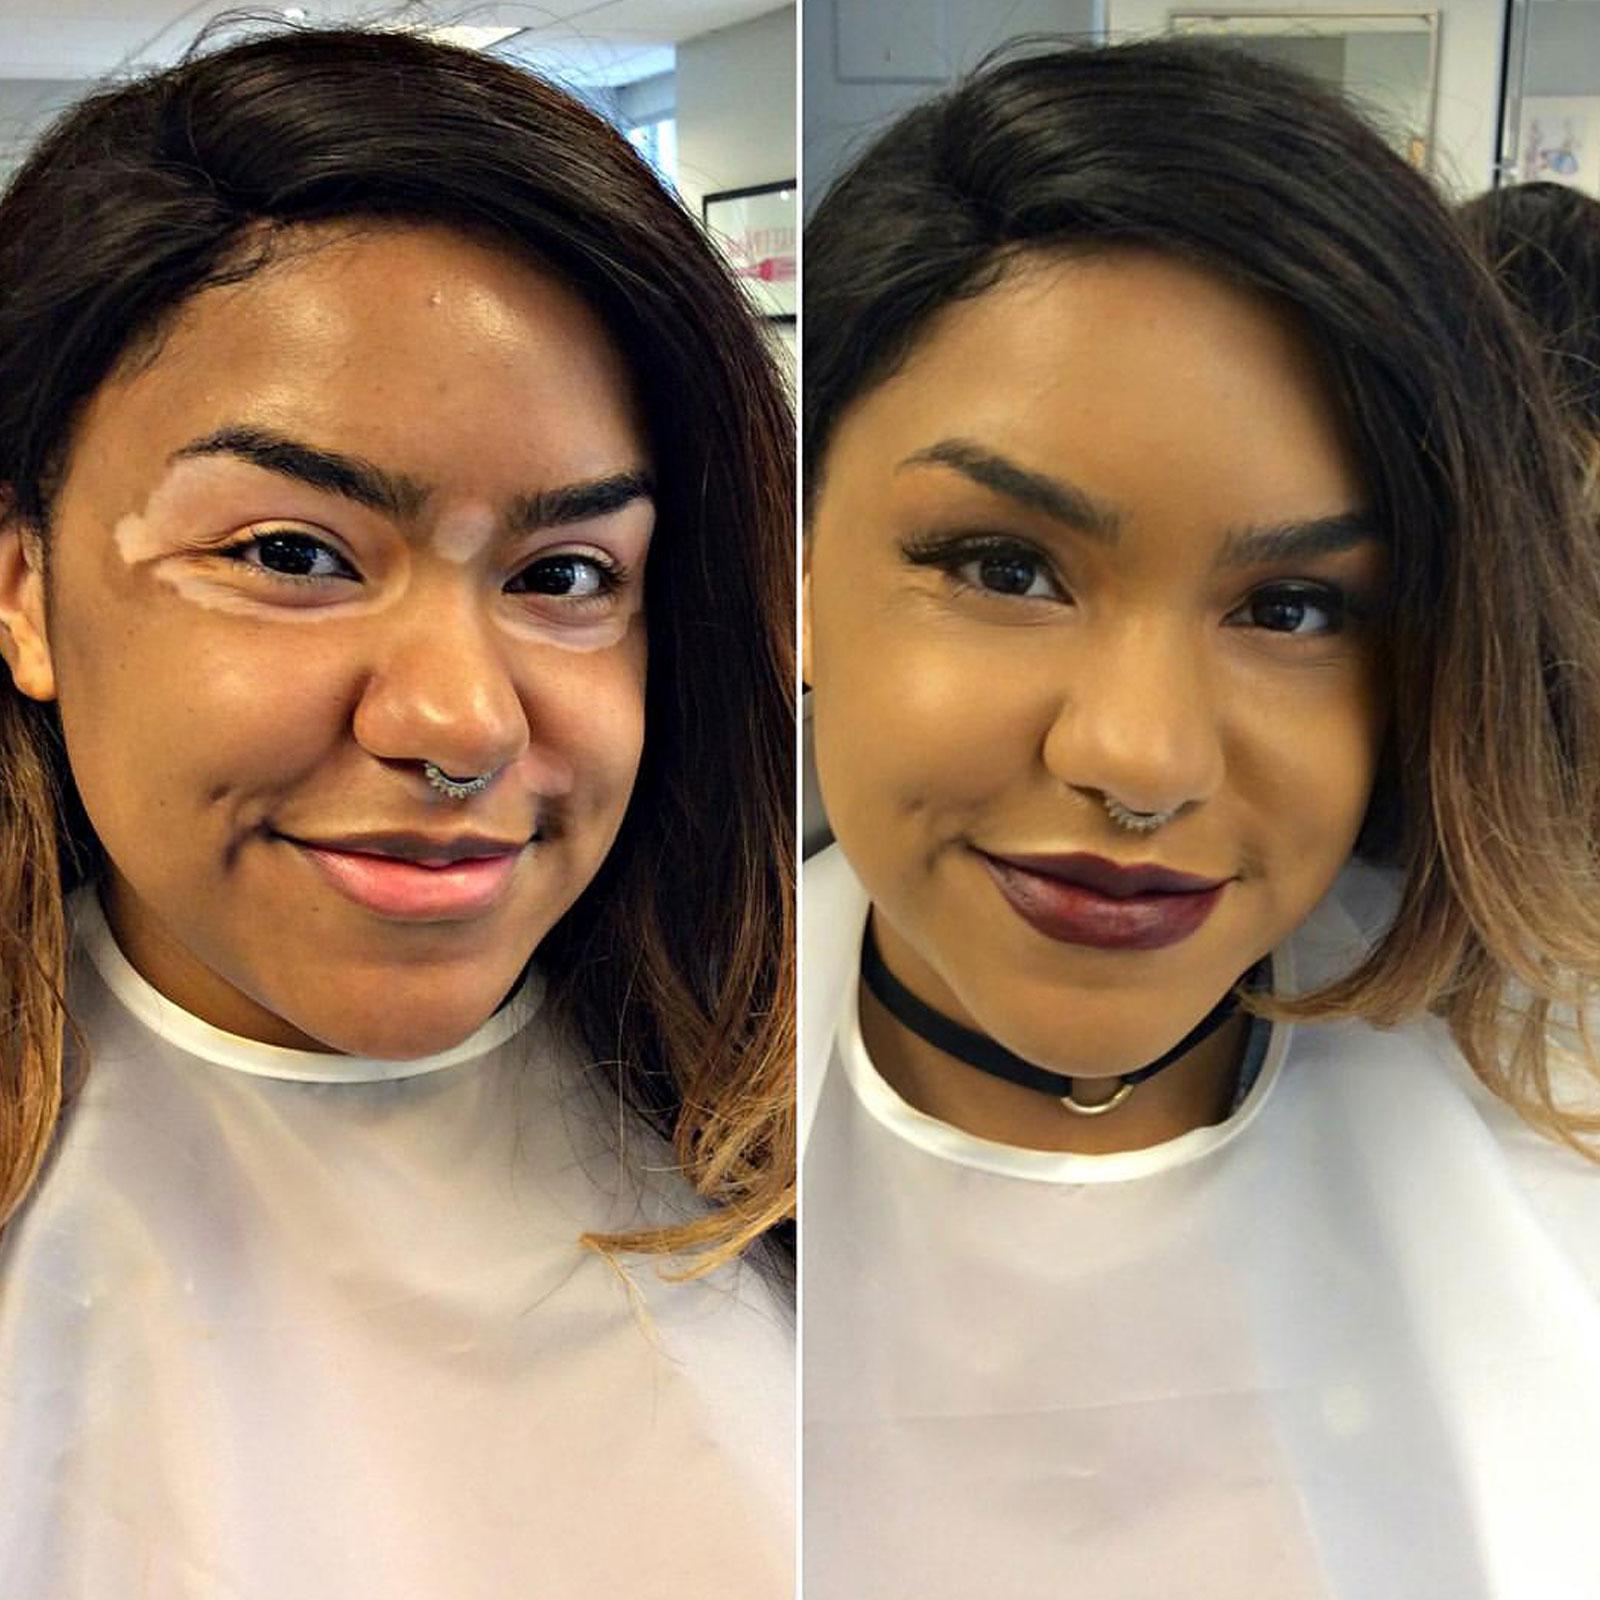 Make Up First Clinical Makeup